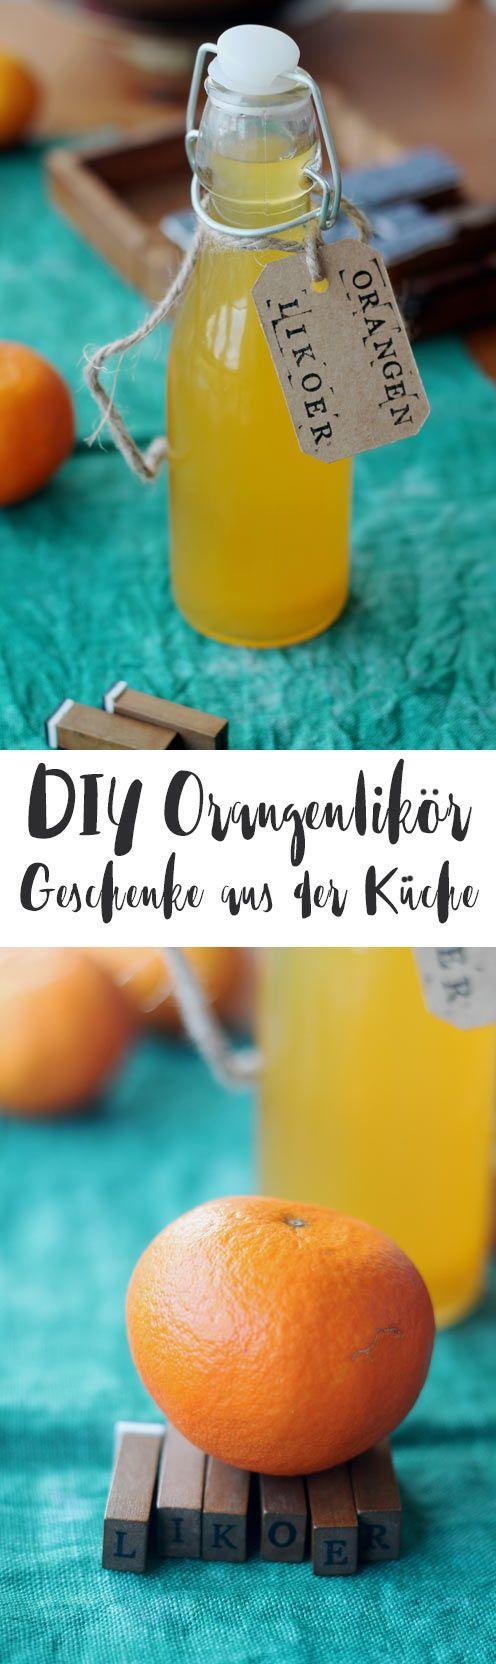 DIY Orangenlikör selbermachen - Geschenke aus der Küche - DIY Geschenkideen